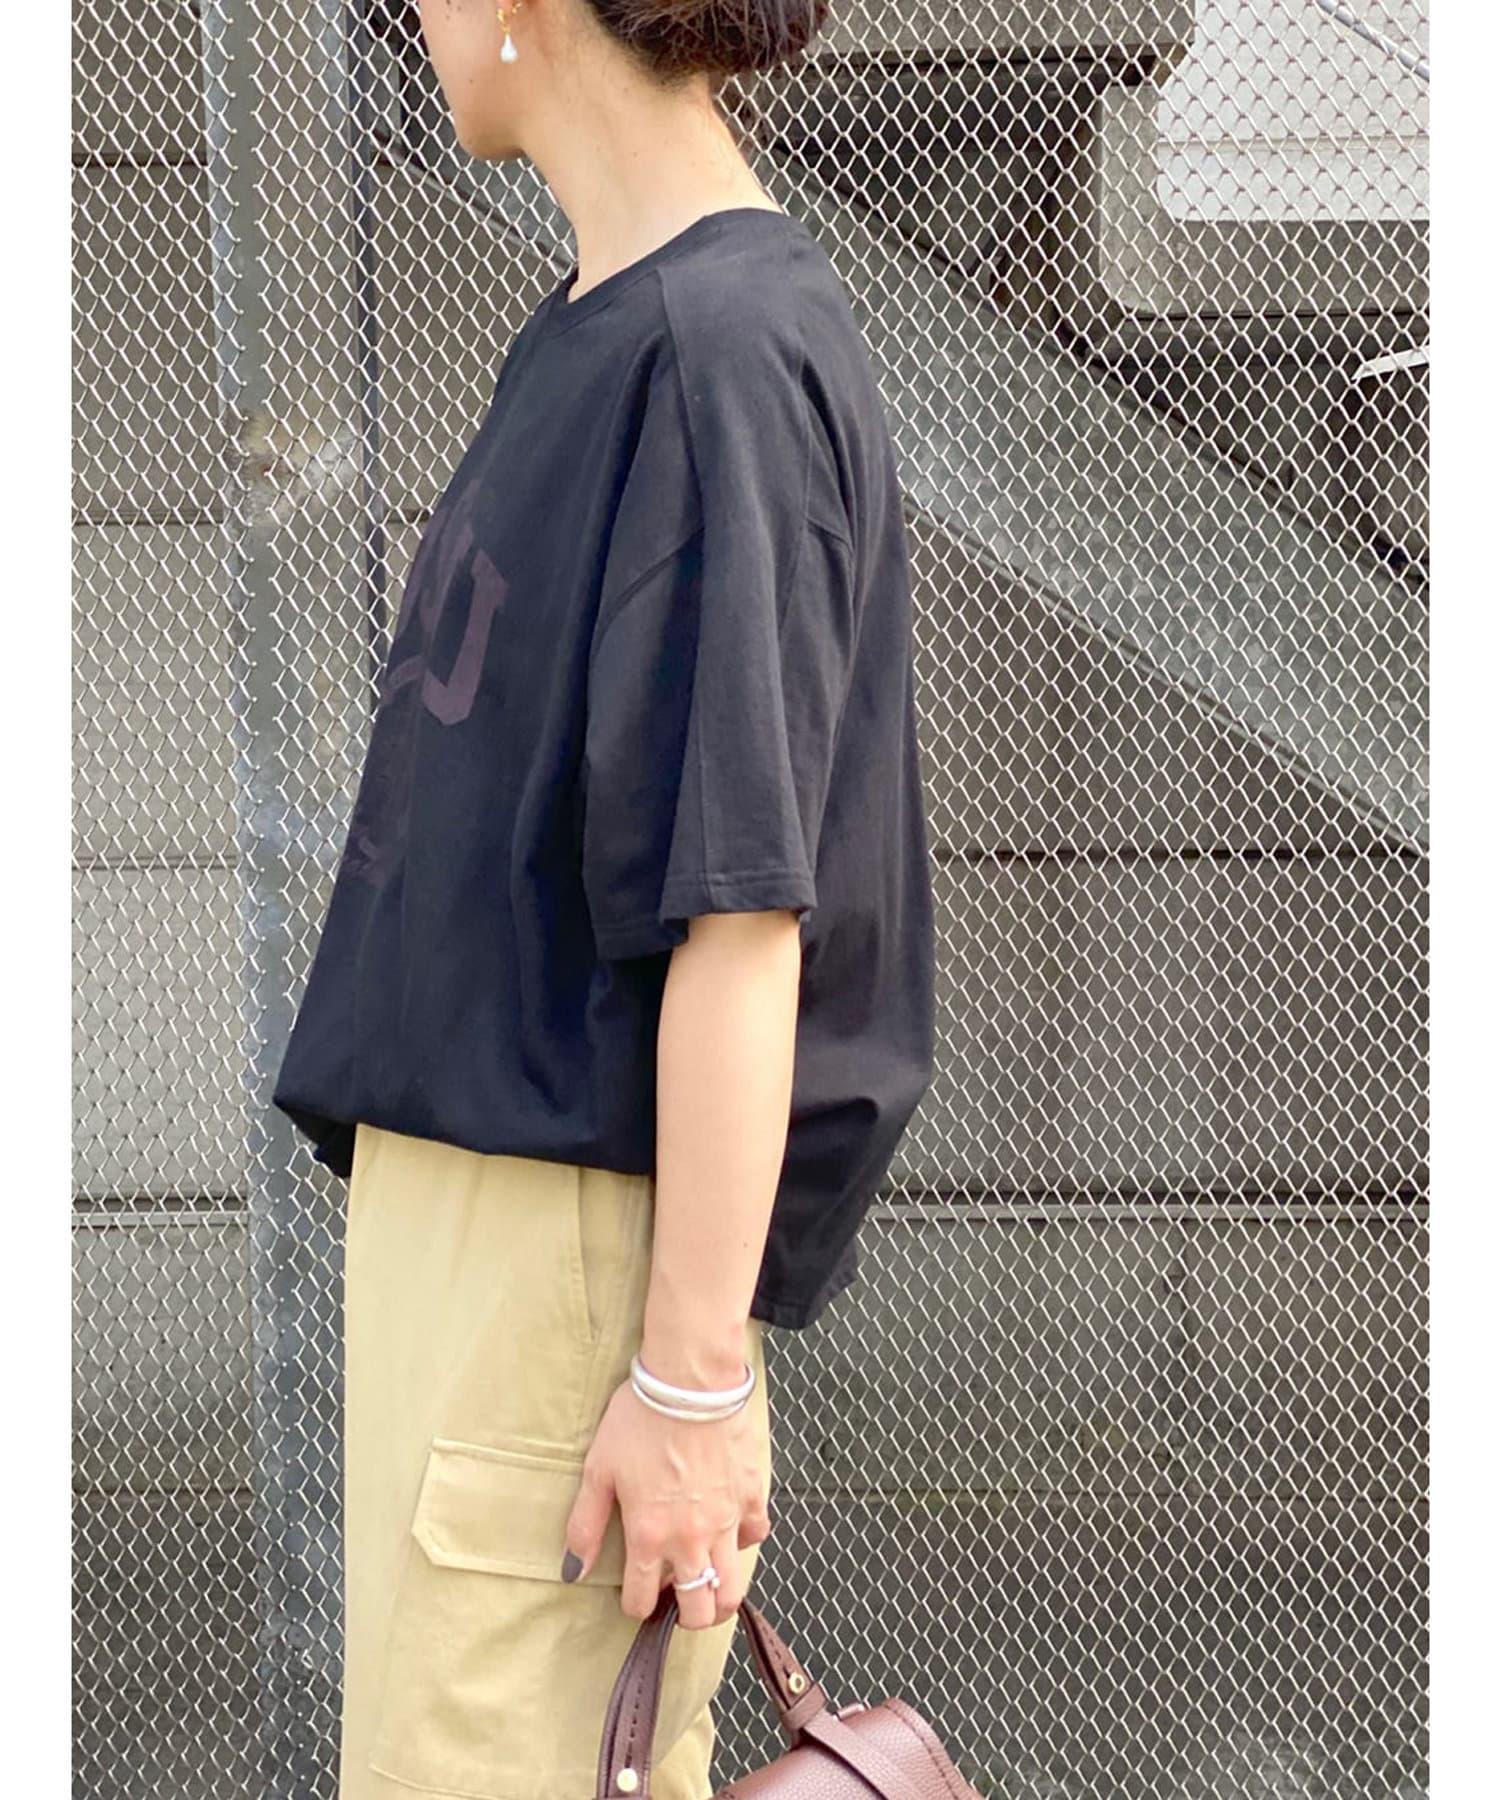 RIVE DROITE(リヴドロワ) 【程良く抜けたムード】2WAYカレッジエンブレムロゴプリントTシャツ